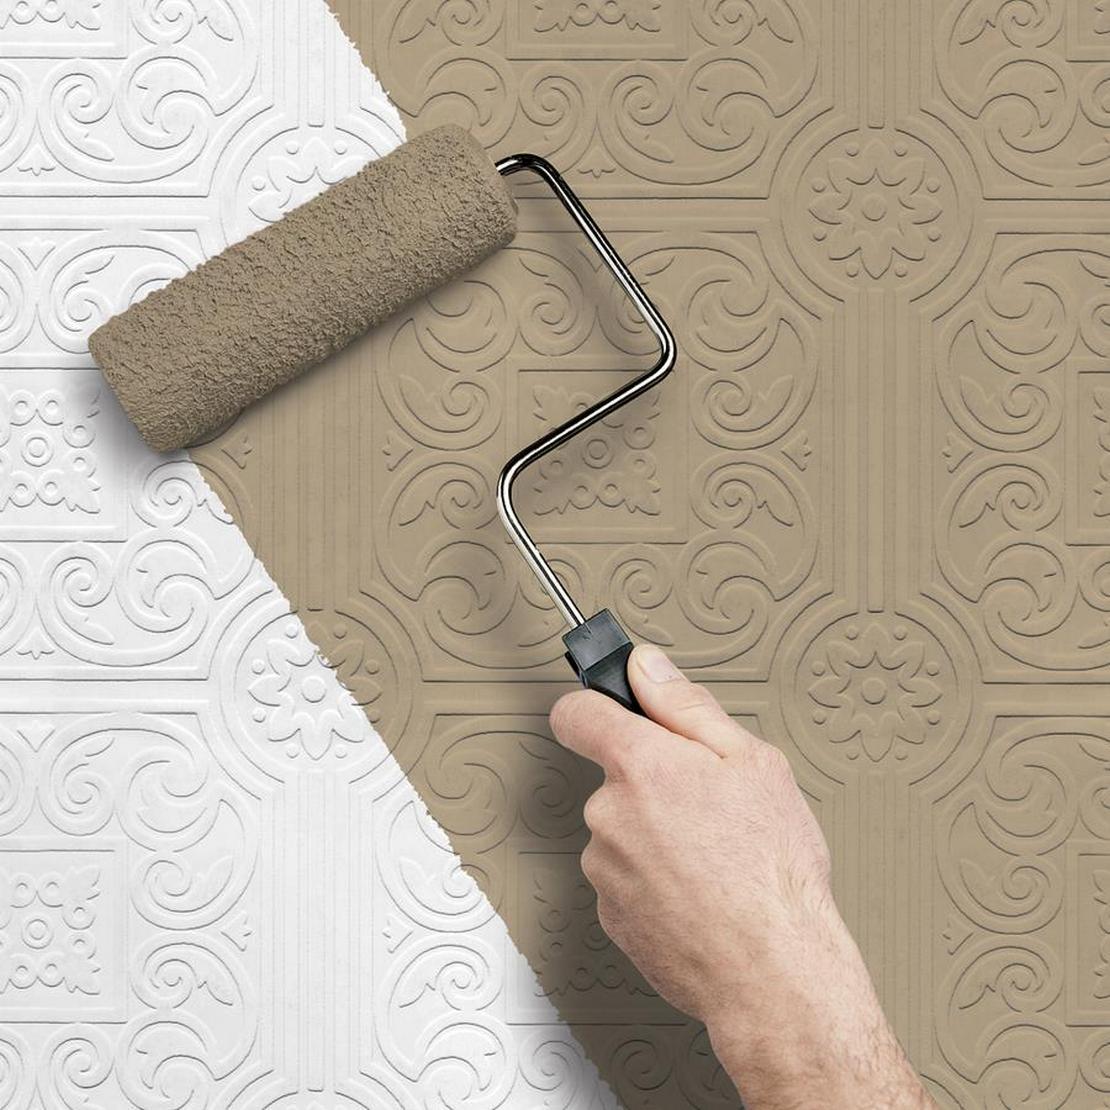 покрасить потолок из пенопластовых плиток